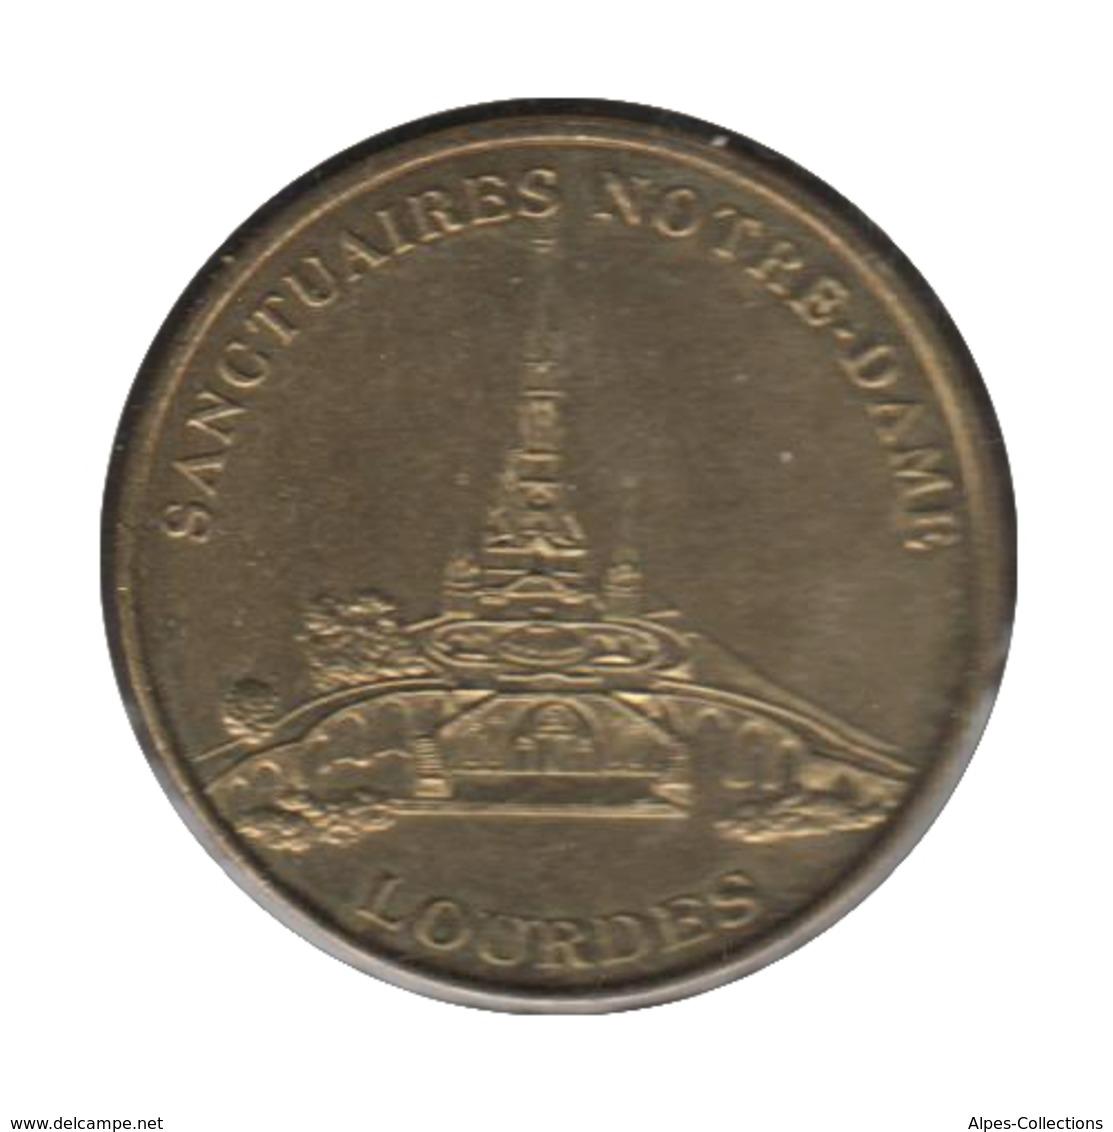 0216 - MEDAILLE TOURISTIQUE MONNAIE DE PARIS 65 - Sanctuaire Notre Dame Lourdes - Monnaie De Paris